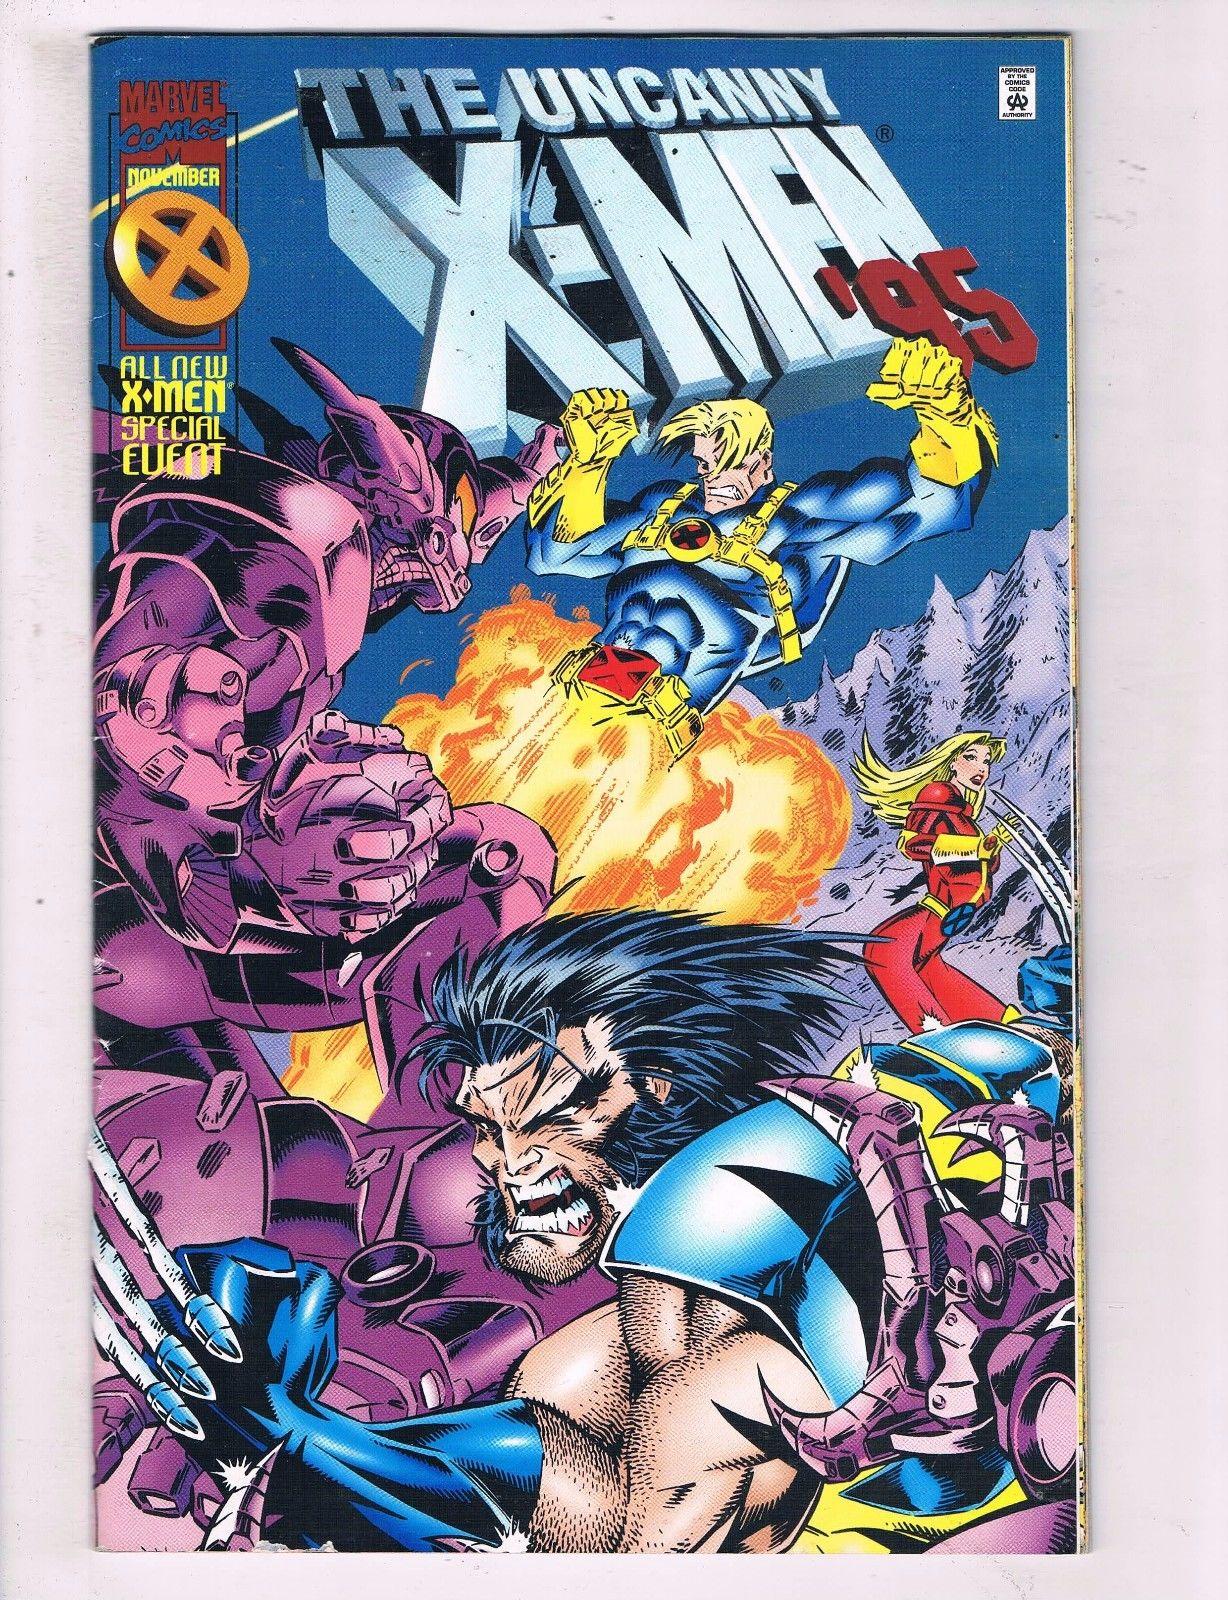 The Uncanny X Men 1 Vf Marvel Comics All New X Men Comic Book Storm 1995 De9 Hipcomic